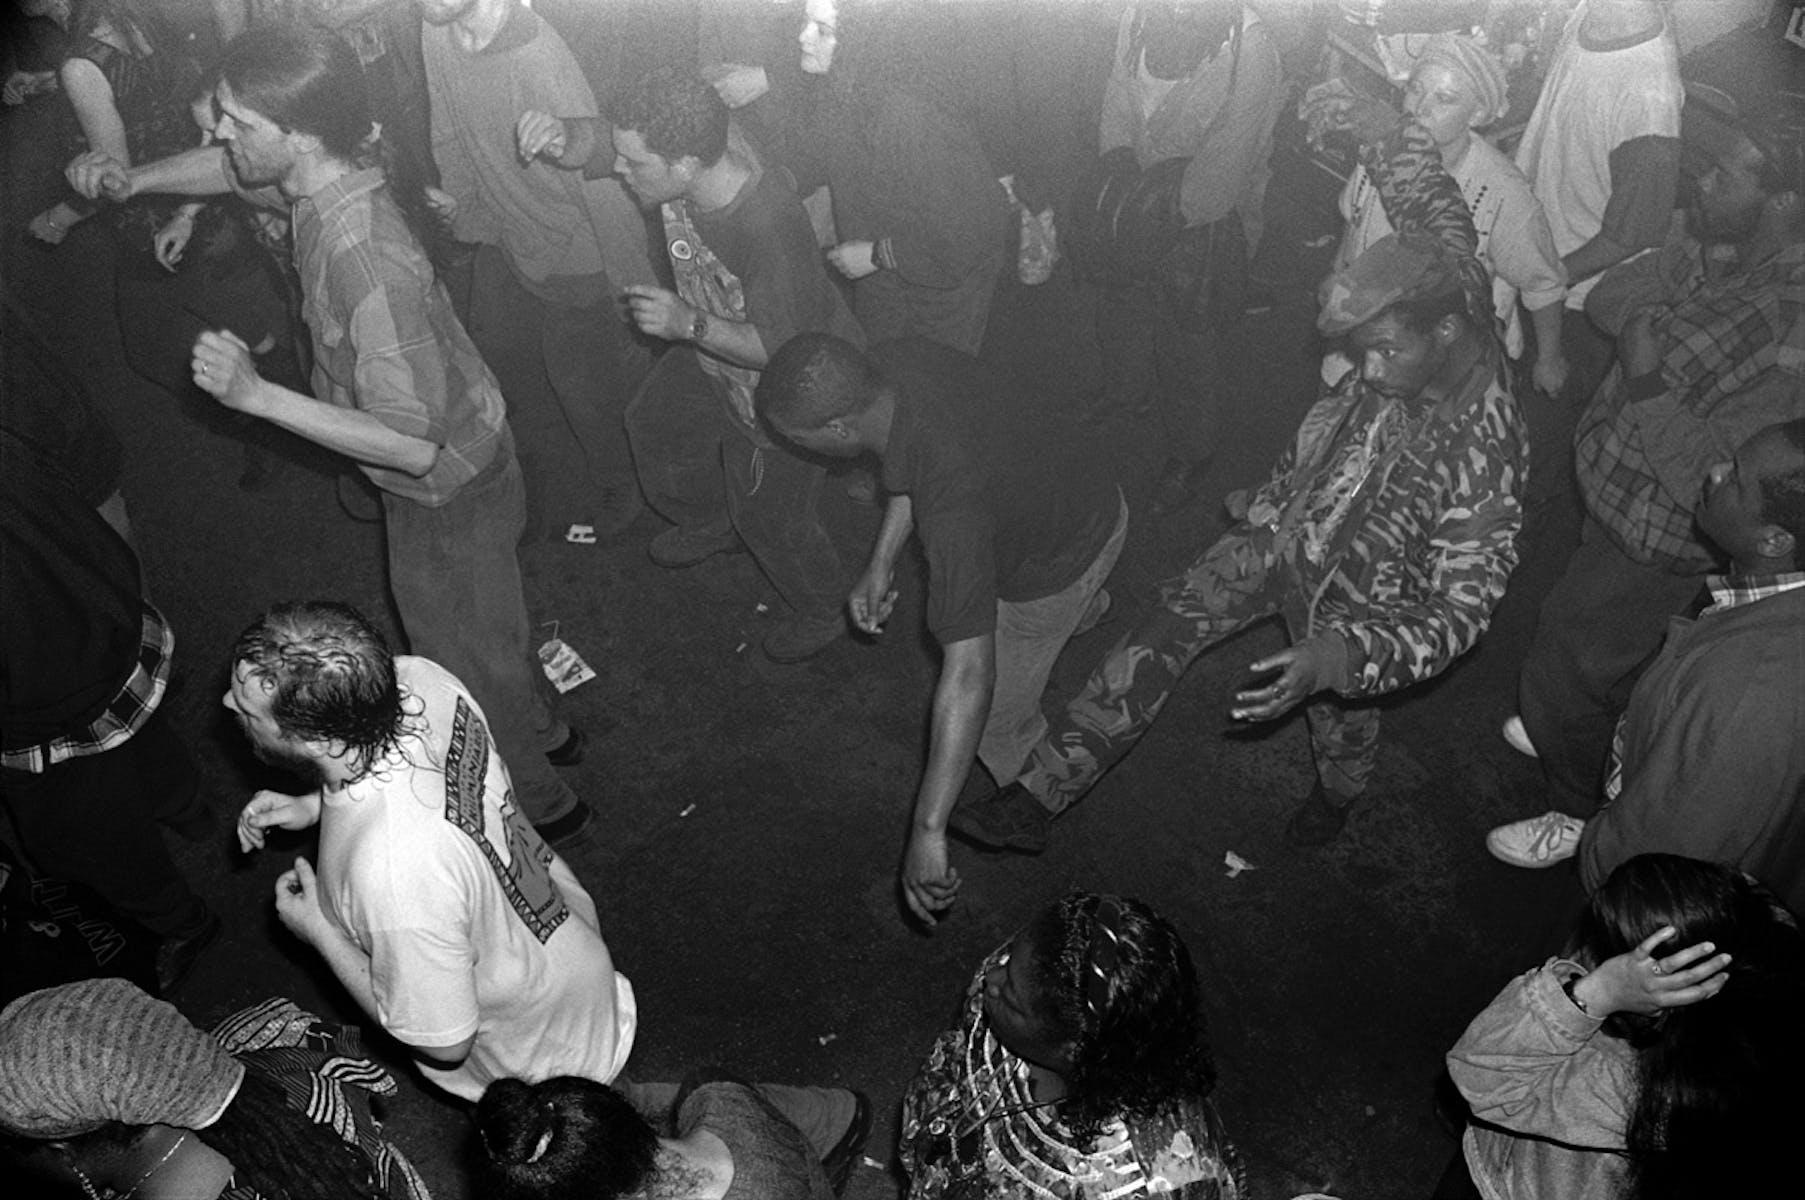 House of Roots Mark Alesky Vauxhall Reggae 90s Nightlife